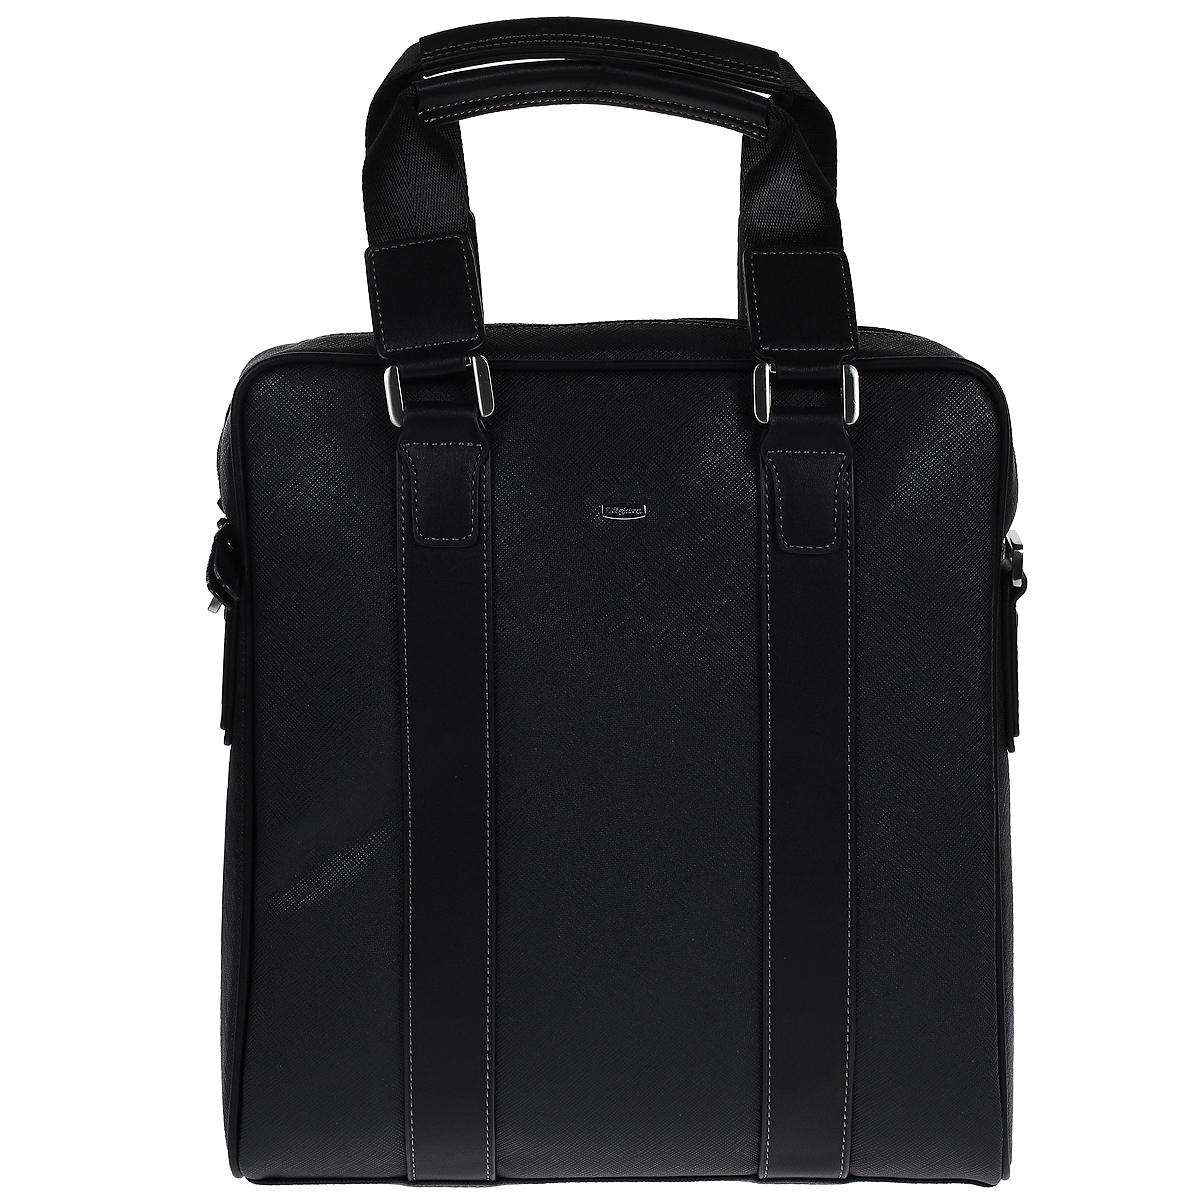 Сумка мужская Leighton, цвет: черный. 6111-3769/1/YB6111-3769/1/YBМужская сумка Leighton выполнена из высококачественной искусственной кожи черного цвета с рельефной текстурой. Сумка имеет одно вместительное отделение, которое закрывается на застежку-молнию. Внутри - открытый карман с отделением на молнии, вшитый карман на молнии и два накладных кармашка для телефона и мелких бумаг. Сумка оснащена двумя удобными ручками на металлических кольцах и отстегивающимся плечевым ремнем регулируемой длины. Фурнитура - серебристого цвета. Сегодня мужская сумка - это необходимый аксессуар, который не только уместит все необходимые вещи, но и подчеркнет ваш стиль.